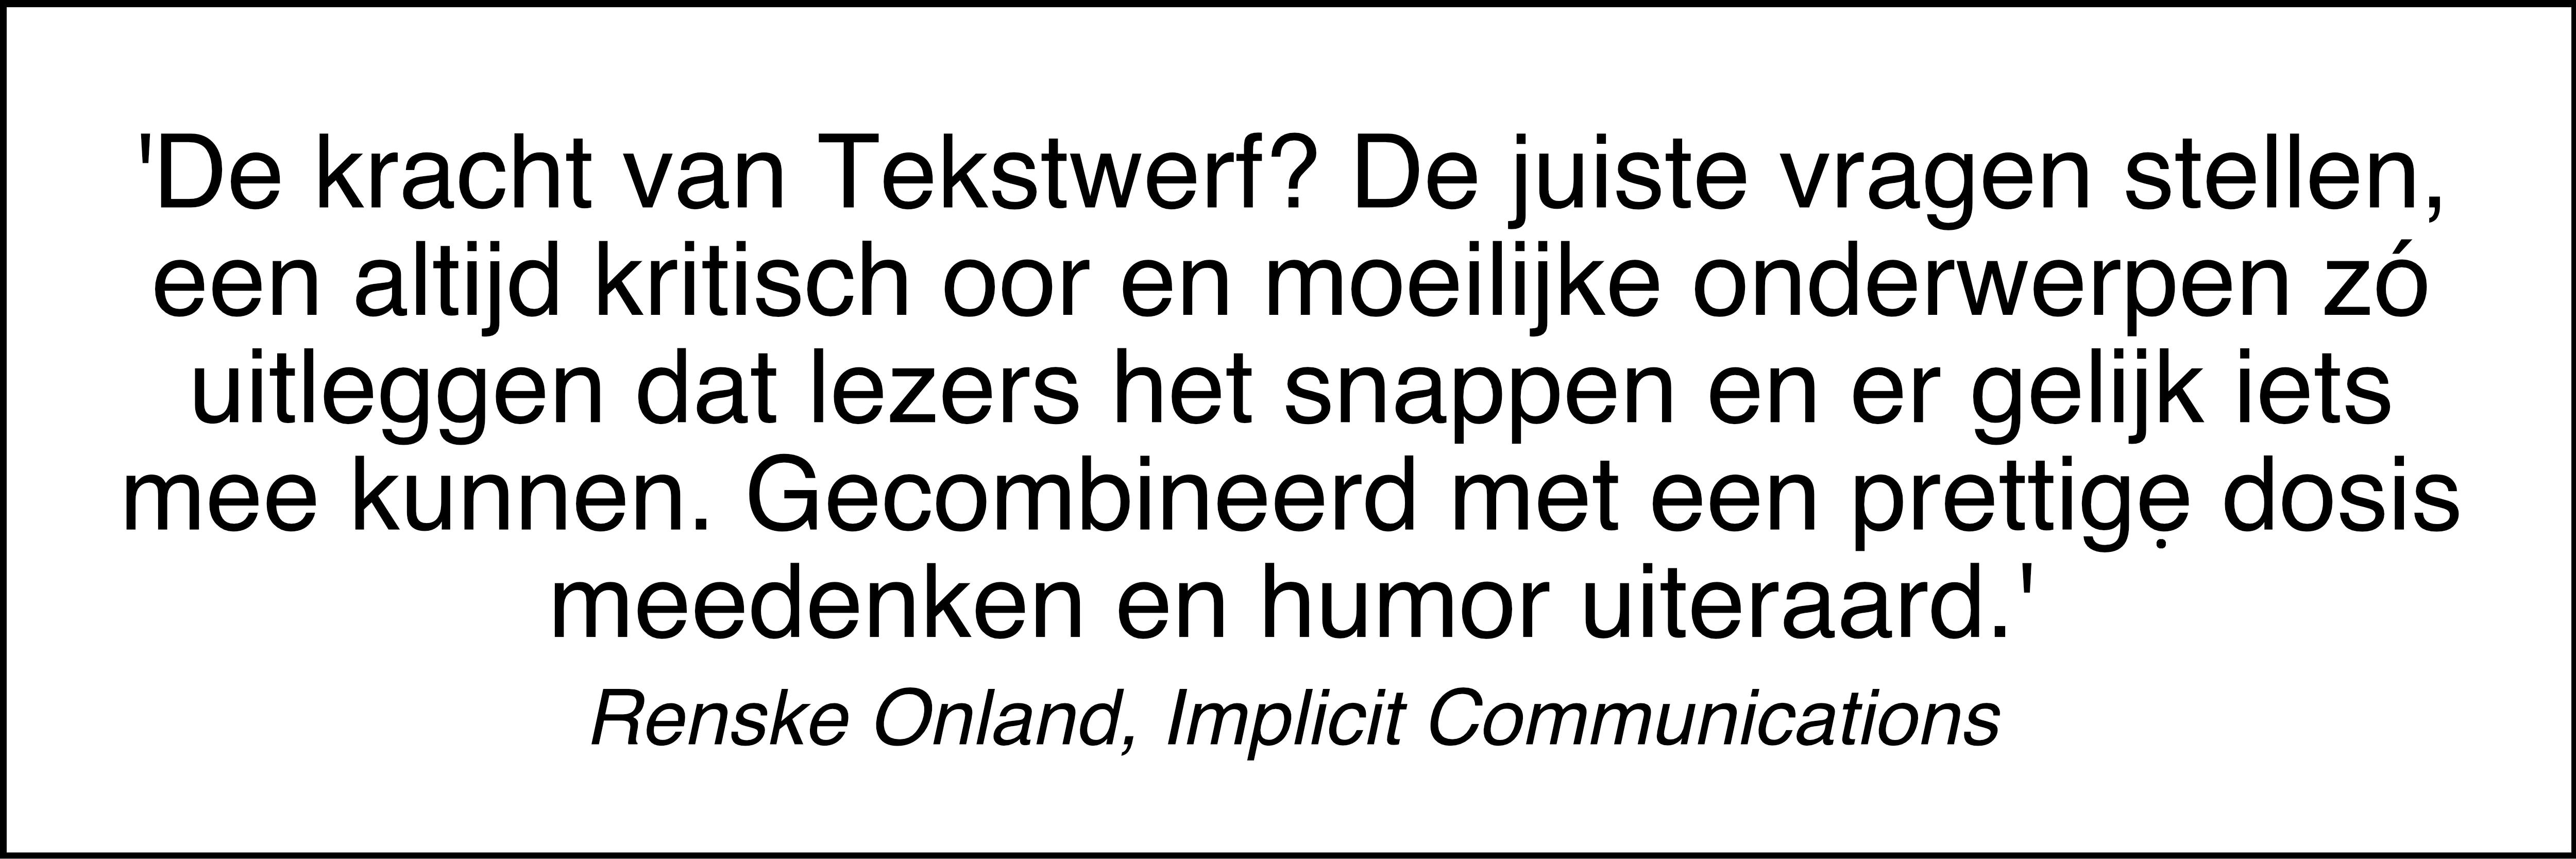 case-uniewereld-quote-renske-onland.jpg#asset:501